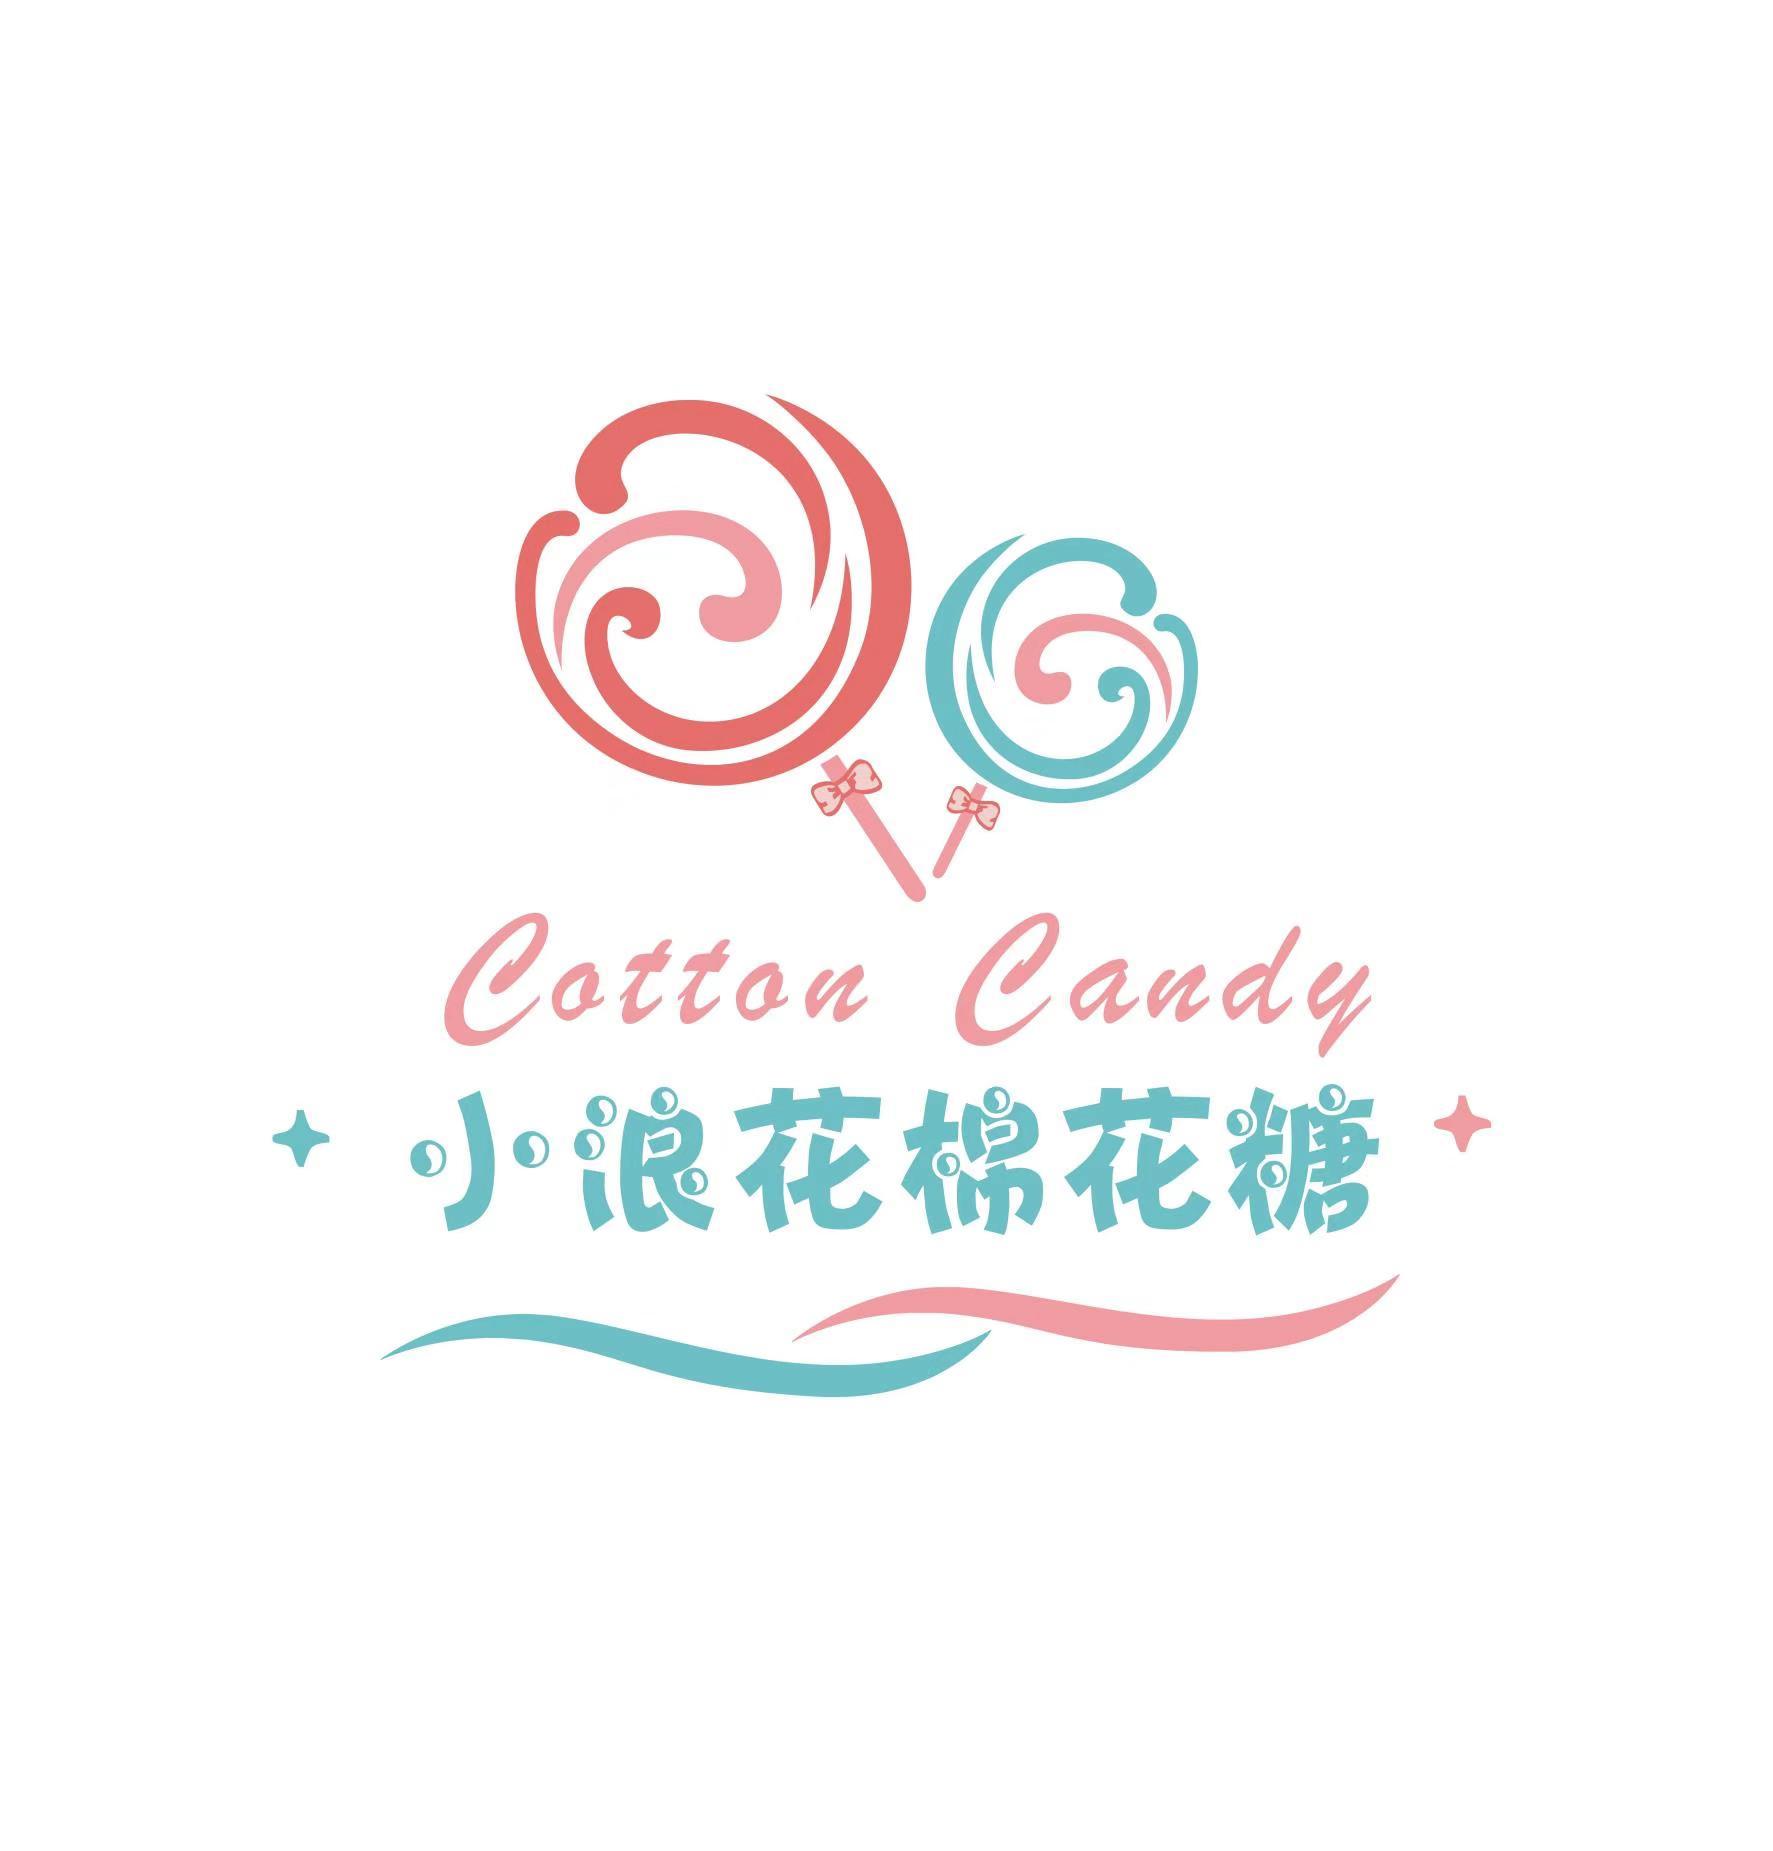 康马县全自动棉花糖机器人加盟代理